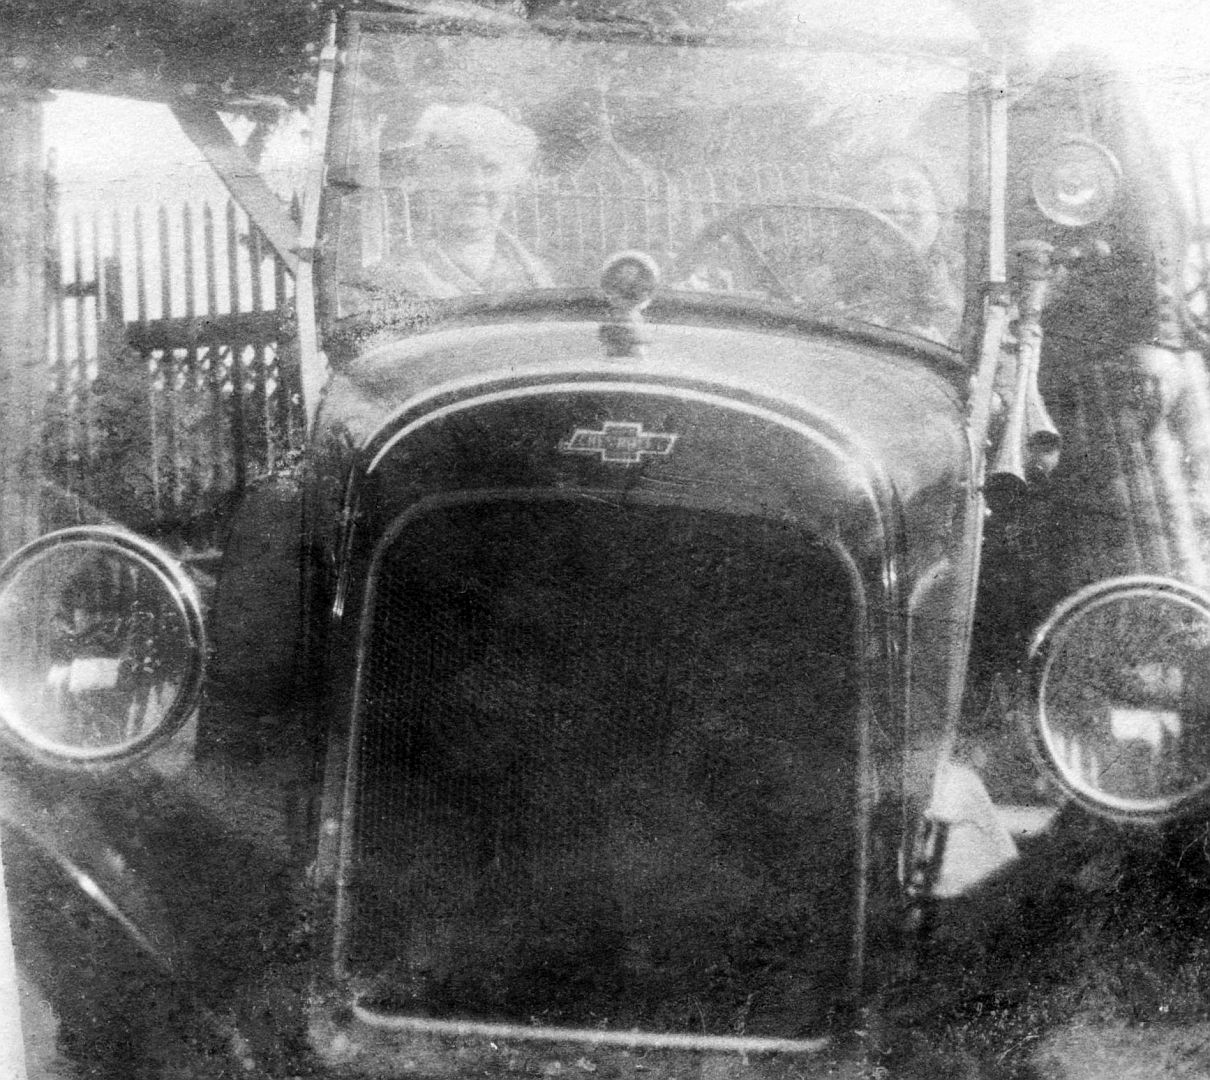 Chevrolet_Superior_1923_3_Galerie